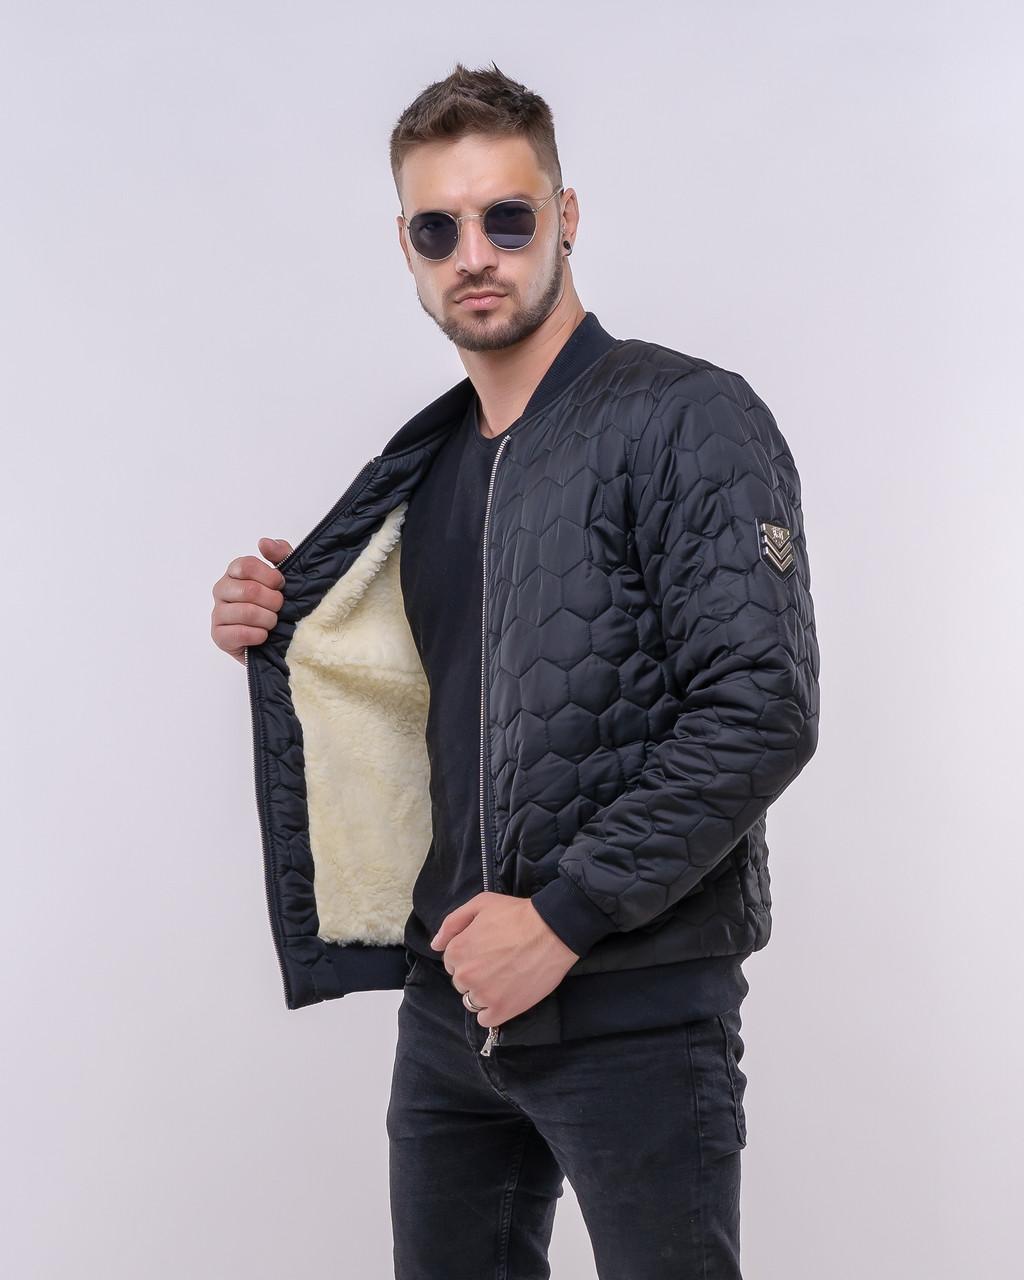 Стильная молодежная мужская куртка бомбер из стеганой плащевки с подкладкой из искусственной овчины